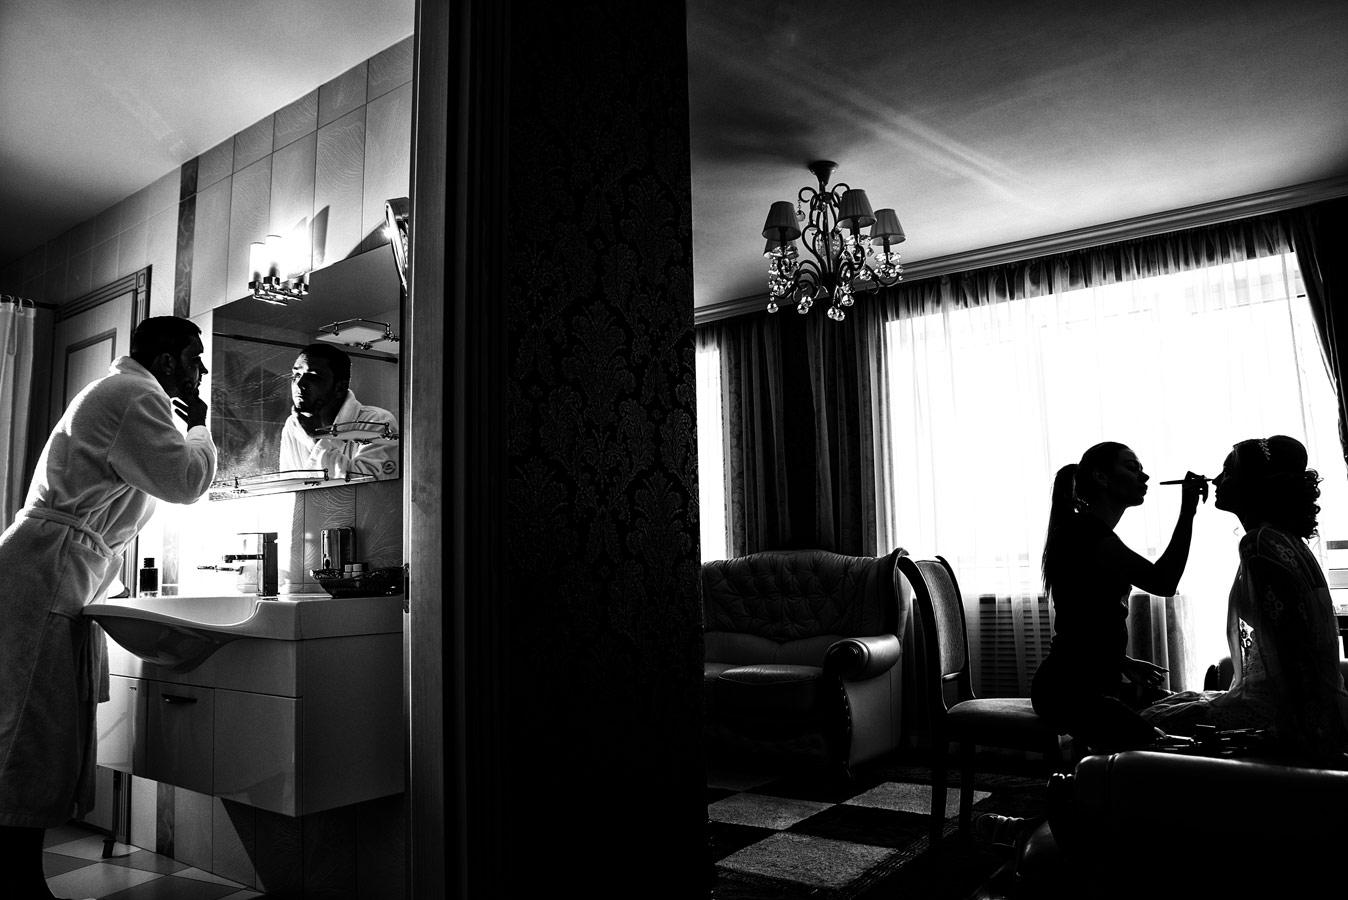 Сборы, © Александр Абрамян, Свадьба, 3 место - Профессионал, Фотоконкурс Nikon «Я в сердце изображения»